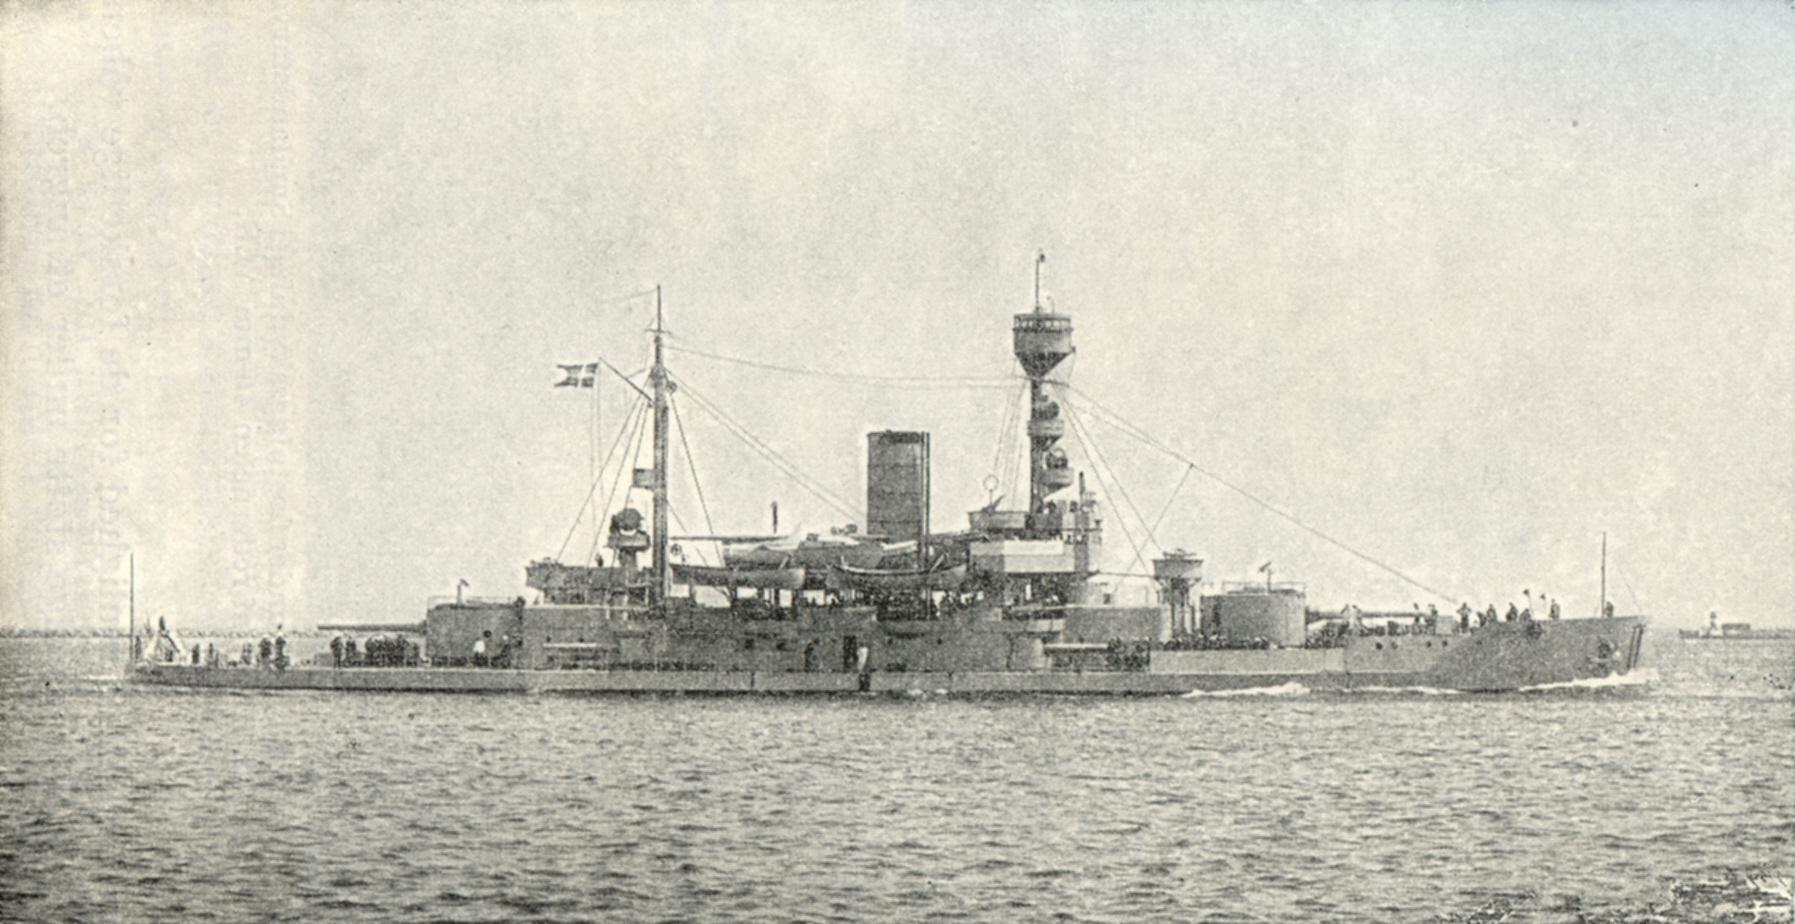 Peder Skram Schiff 1908 Wikipedia